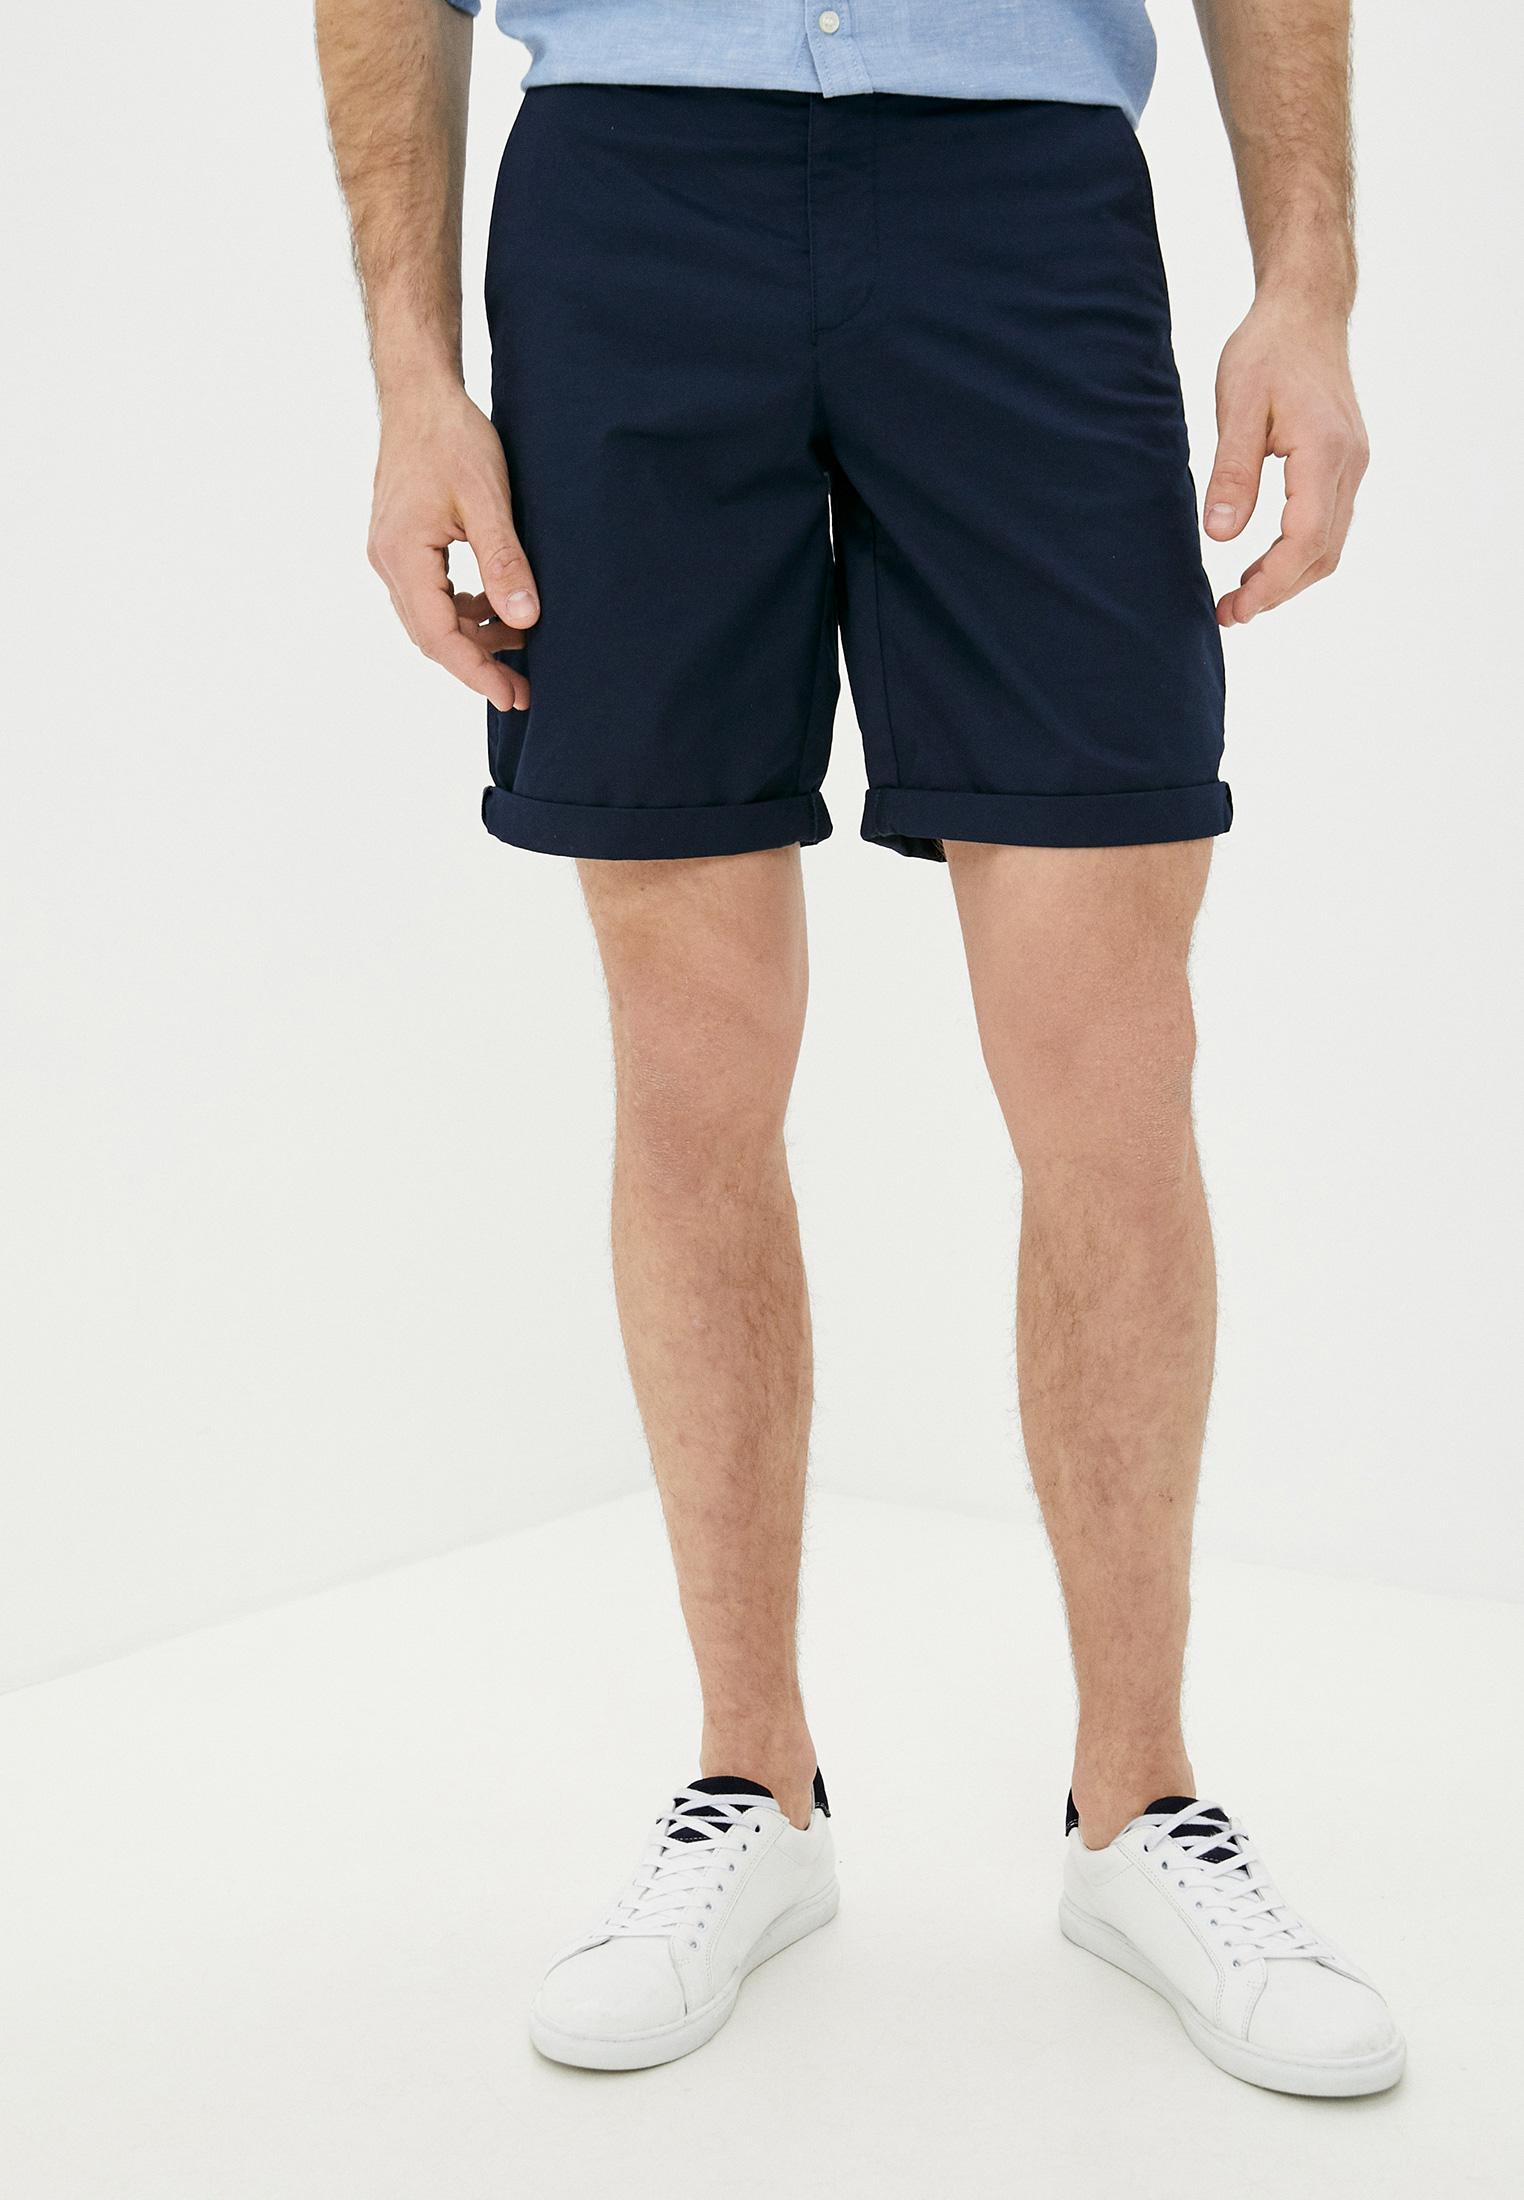 Мужские повседневные шорты Sisley (Сислей) Шорты Sisley